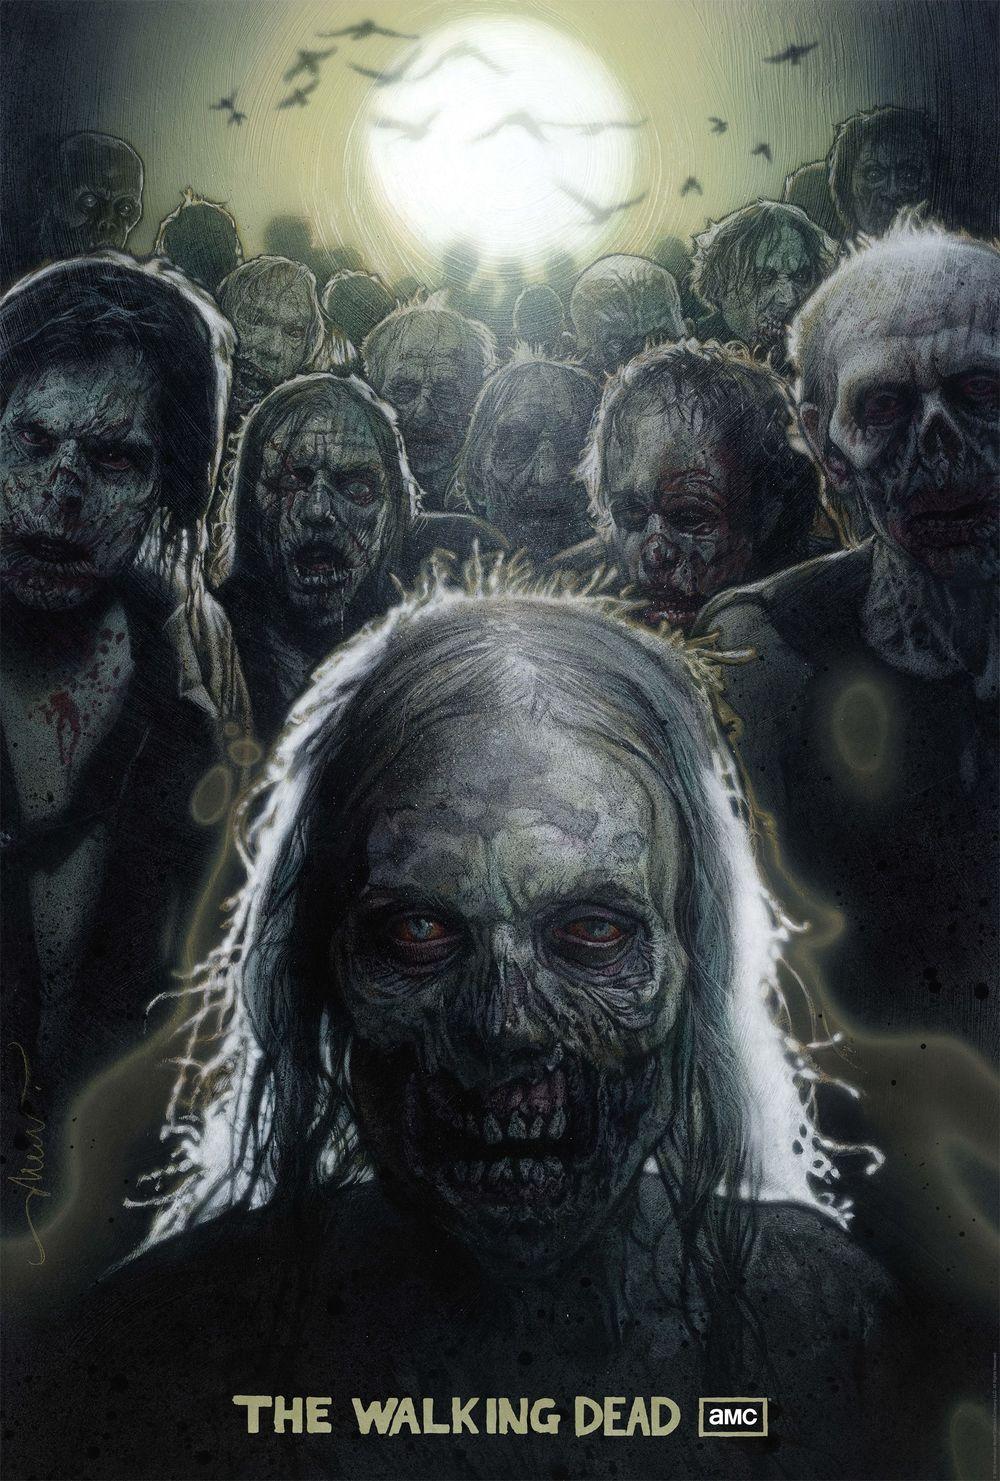 The Walking Dead Season 1 SDCC Poster by Drew Struzan